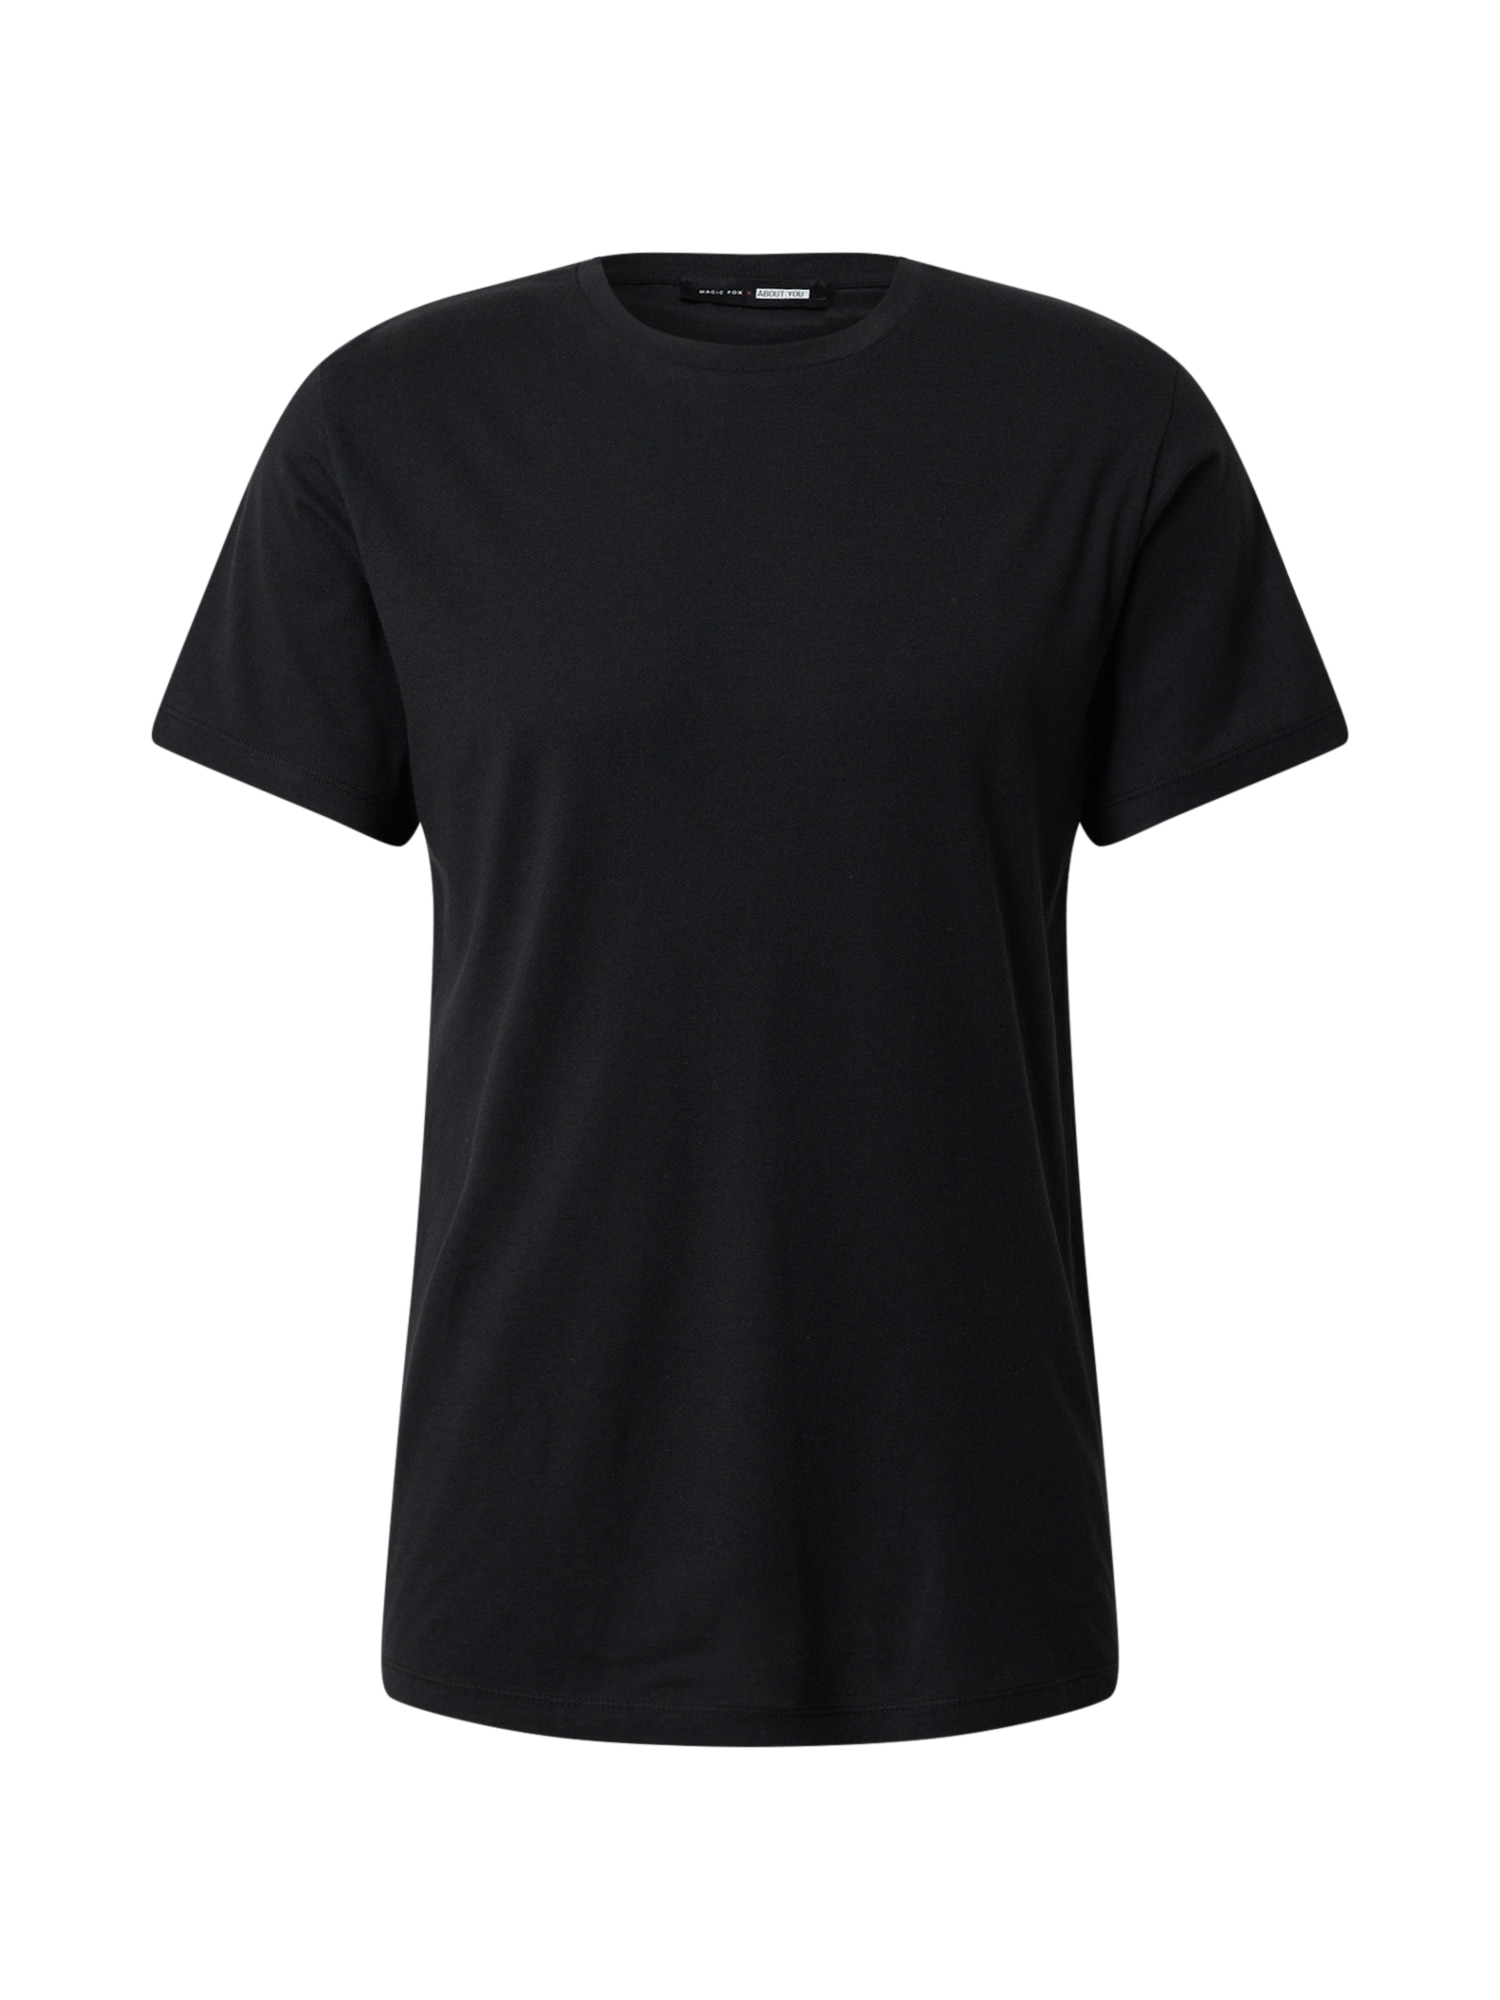 DAN FOX APPAREL Marškinėliai